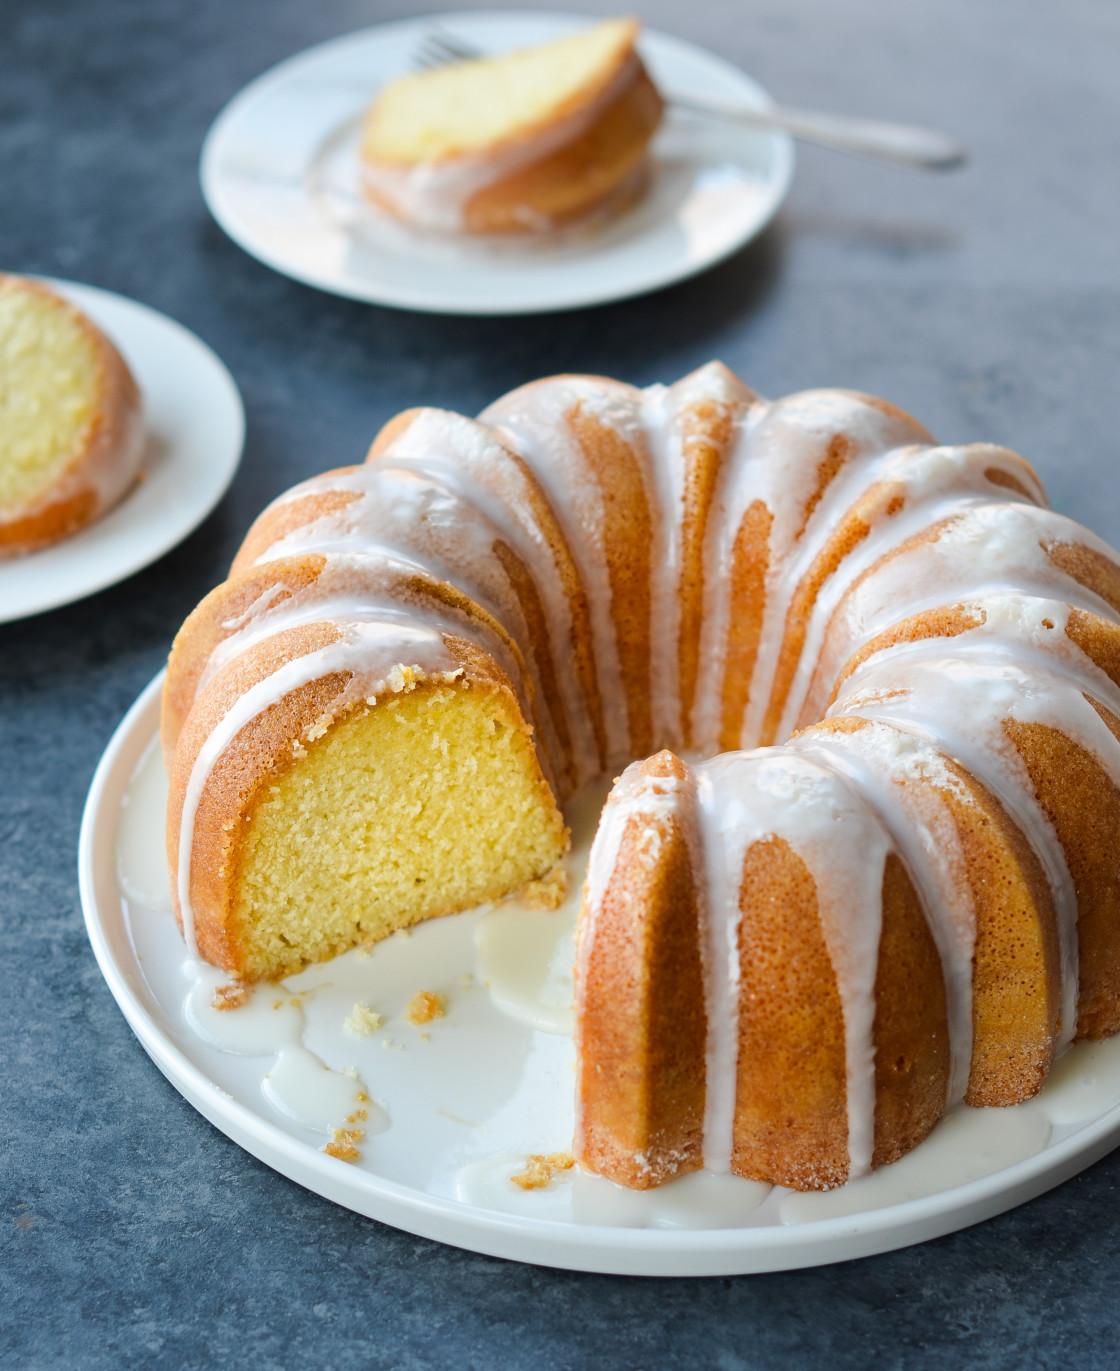 Trisha Yearwoods Lemon Pound Cake with Glaze » Call Me PMc